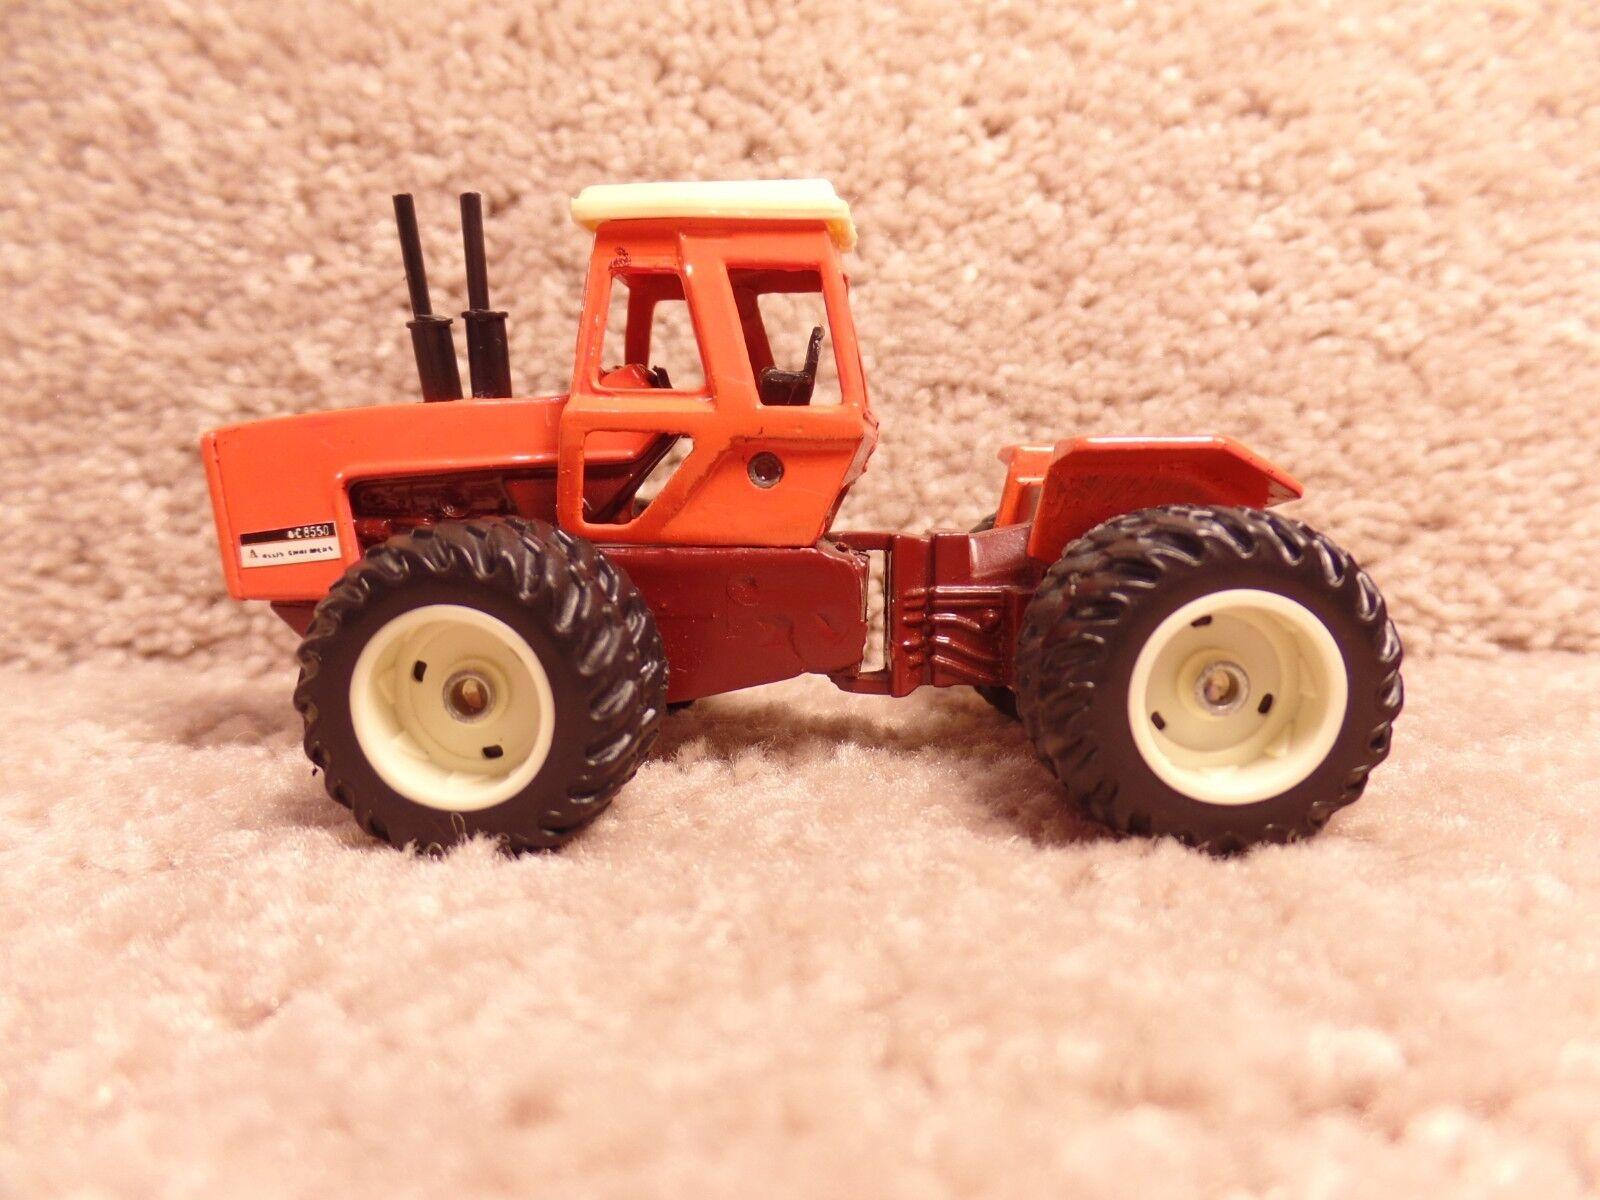 Ertl 1/64 escala Diecast Personalizado tractores Granja-Allis Chalmers 8550 Tractor & DUALS un